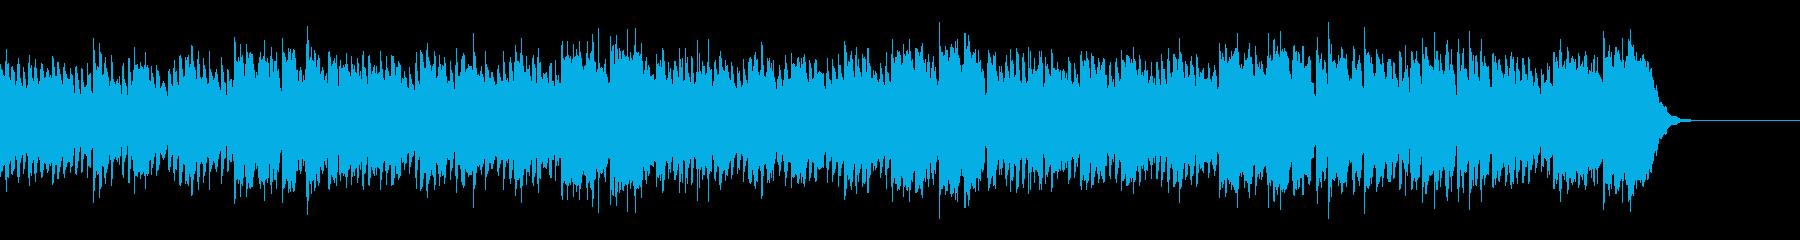 優しくエンディング感のあるピアノ曲の再生済みの波形